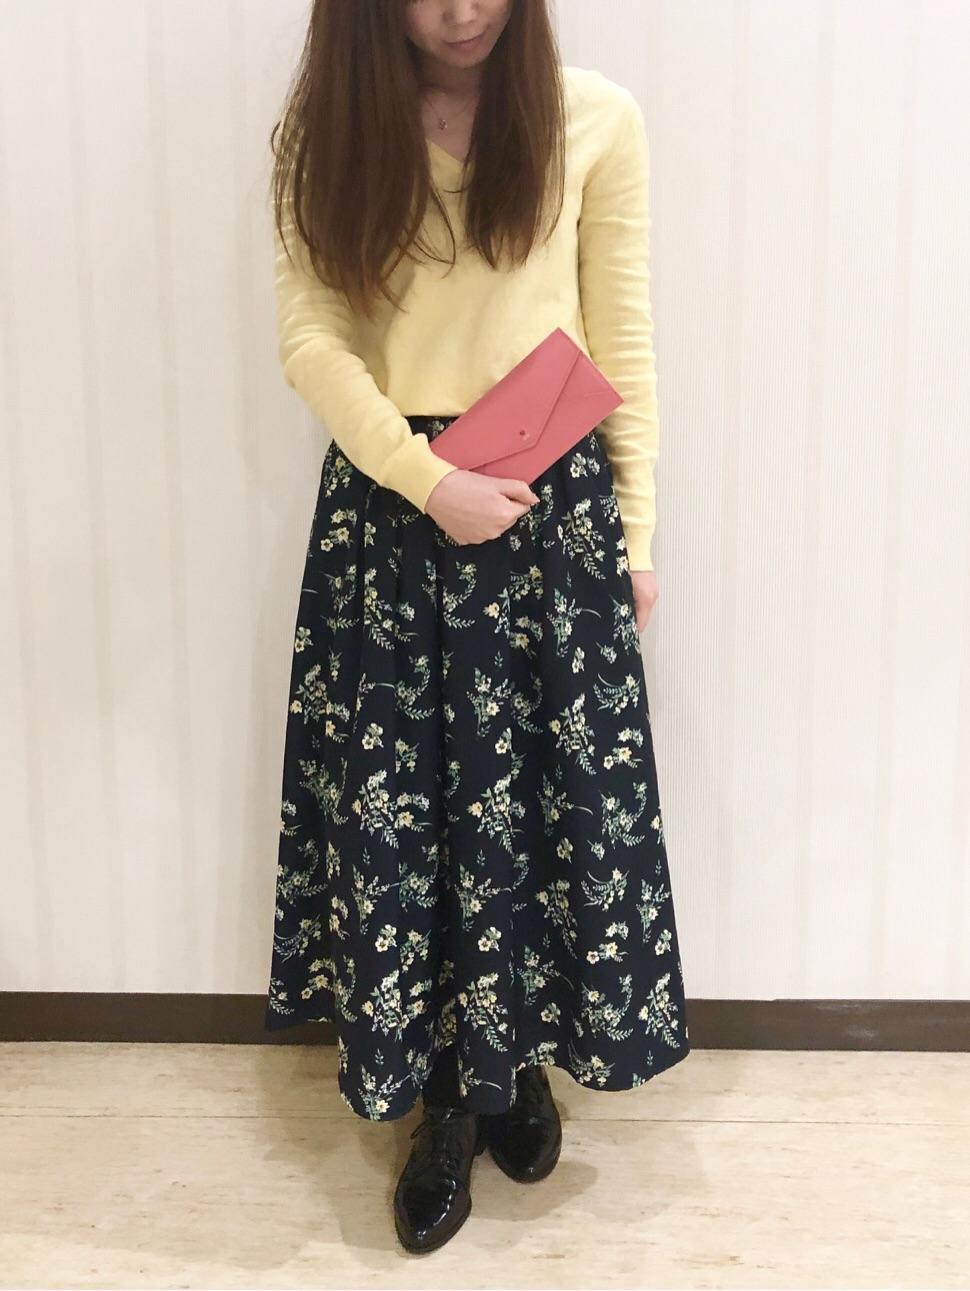 サマンサタバサプチチョイス 新潟伊勢丹店 rin